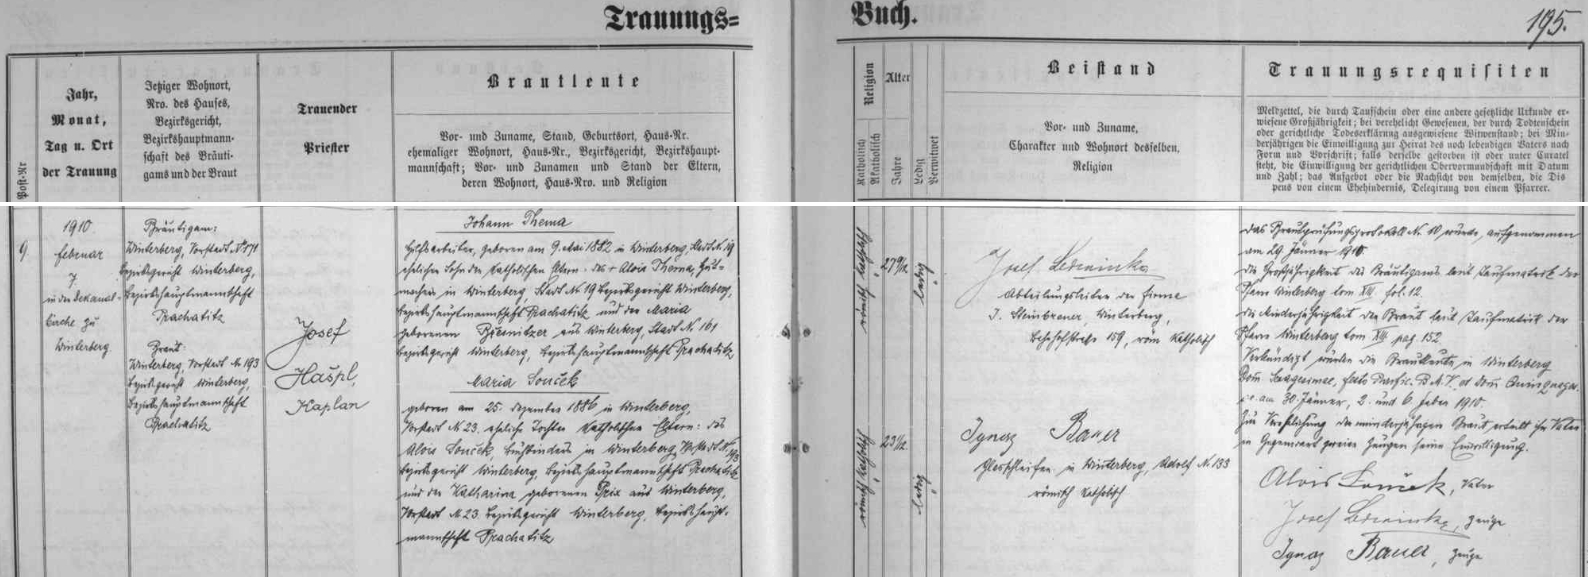 Záznam vimperské oddací matriky o svatbě jeho rodičů